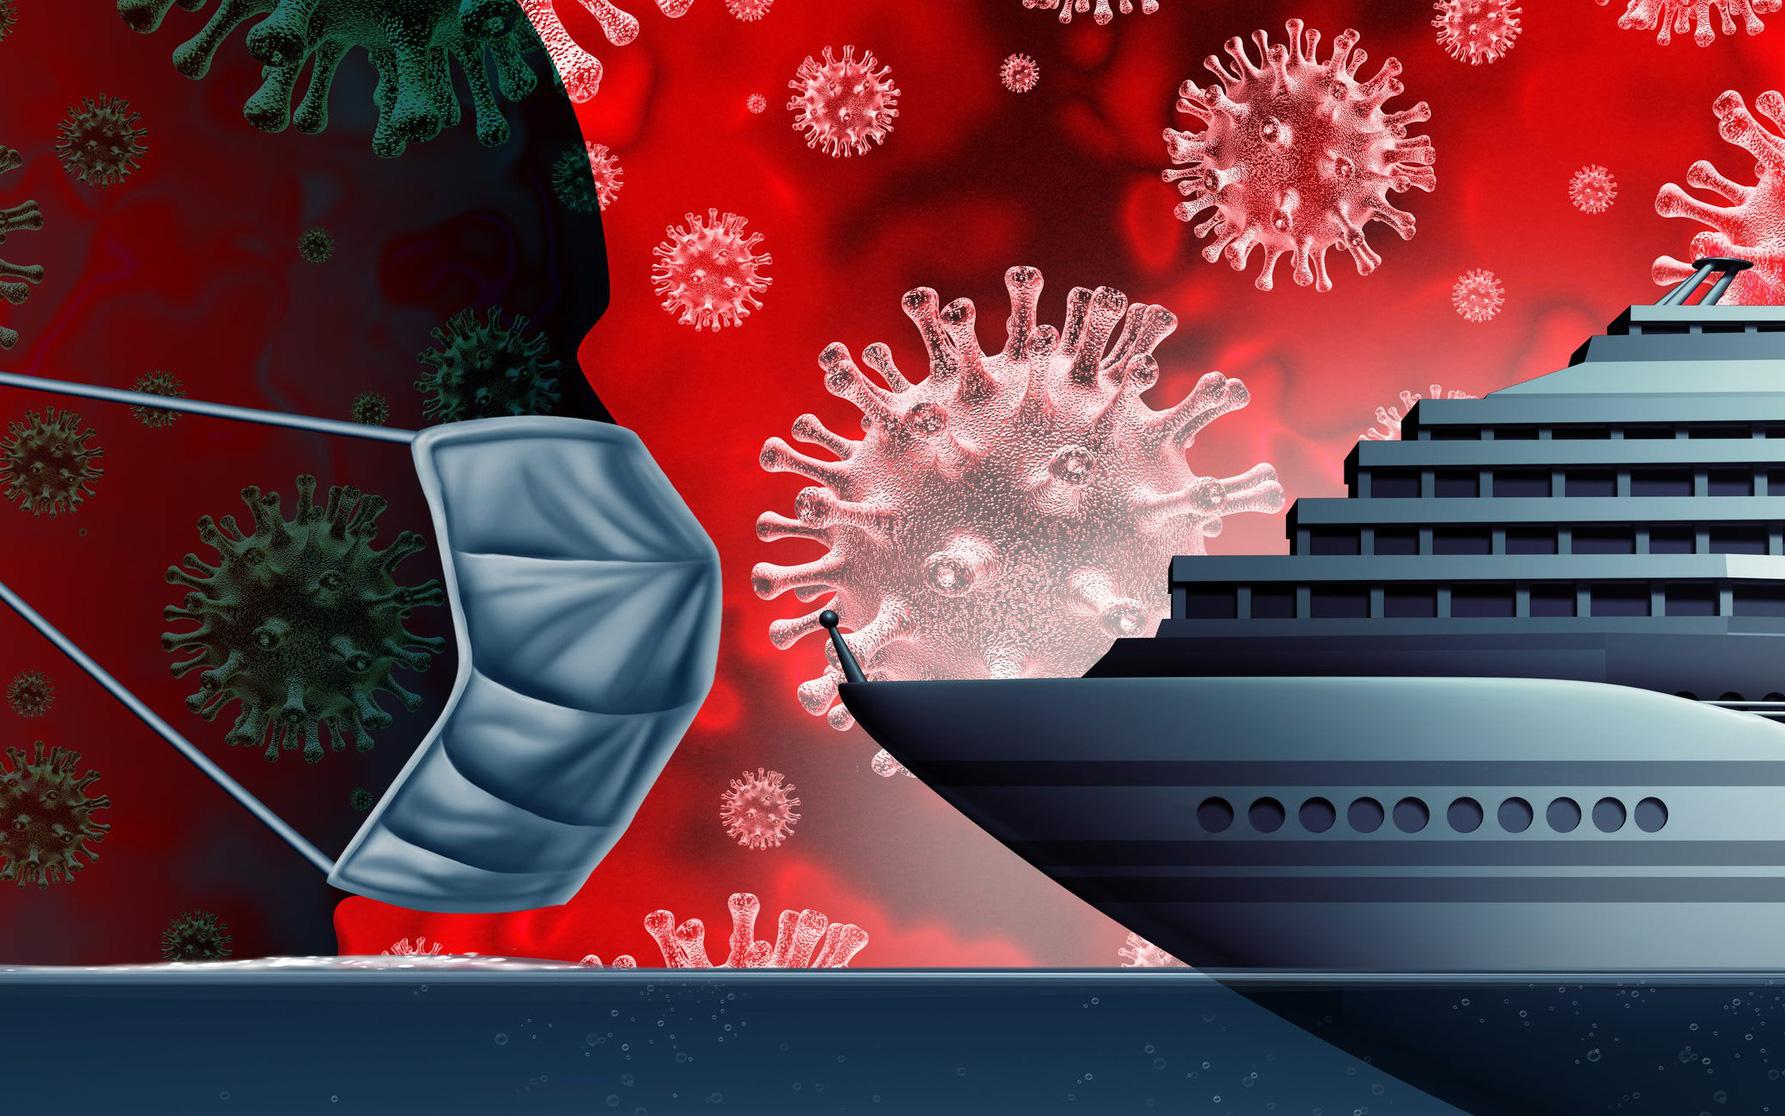 Cổ phiếu trỗi dậy từ đáy vực Covid-19, ông hoàng du thuyền Carnival sớm tìm lại vinh quang?